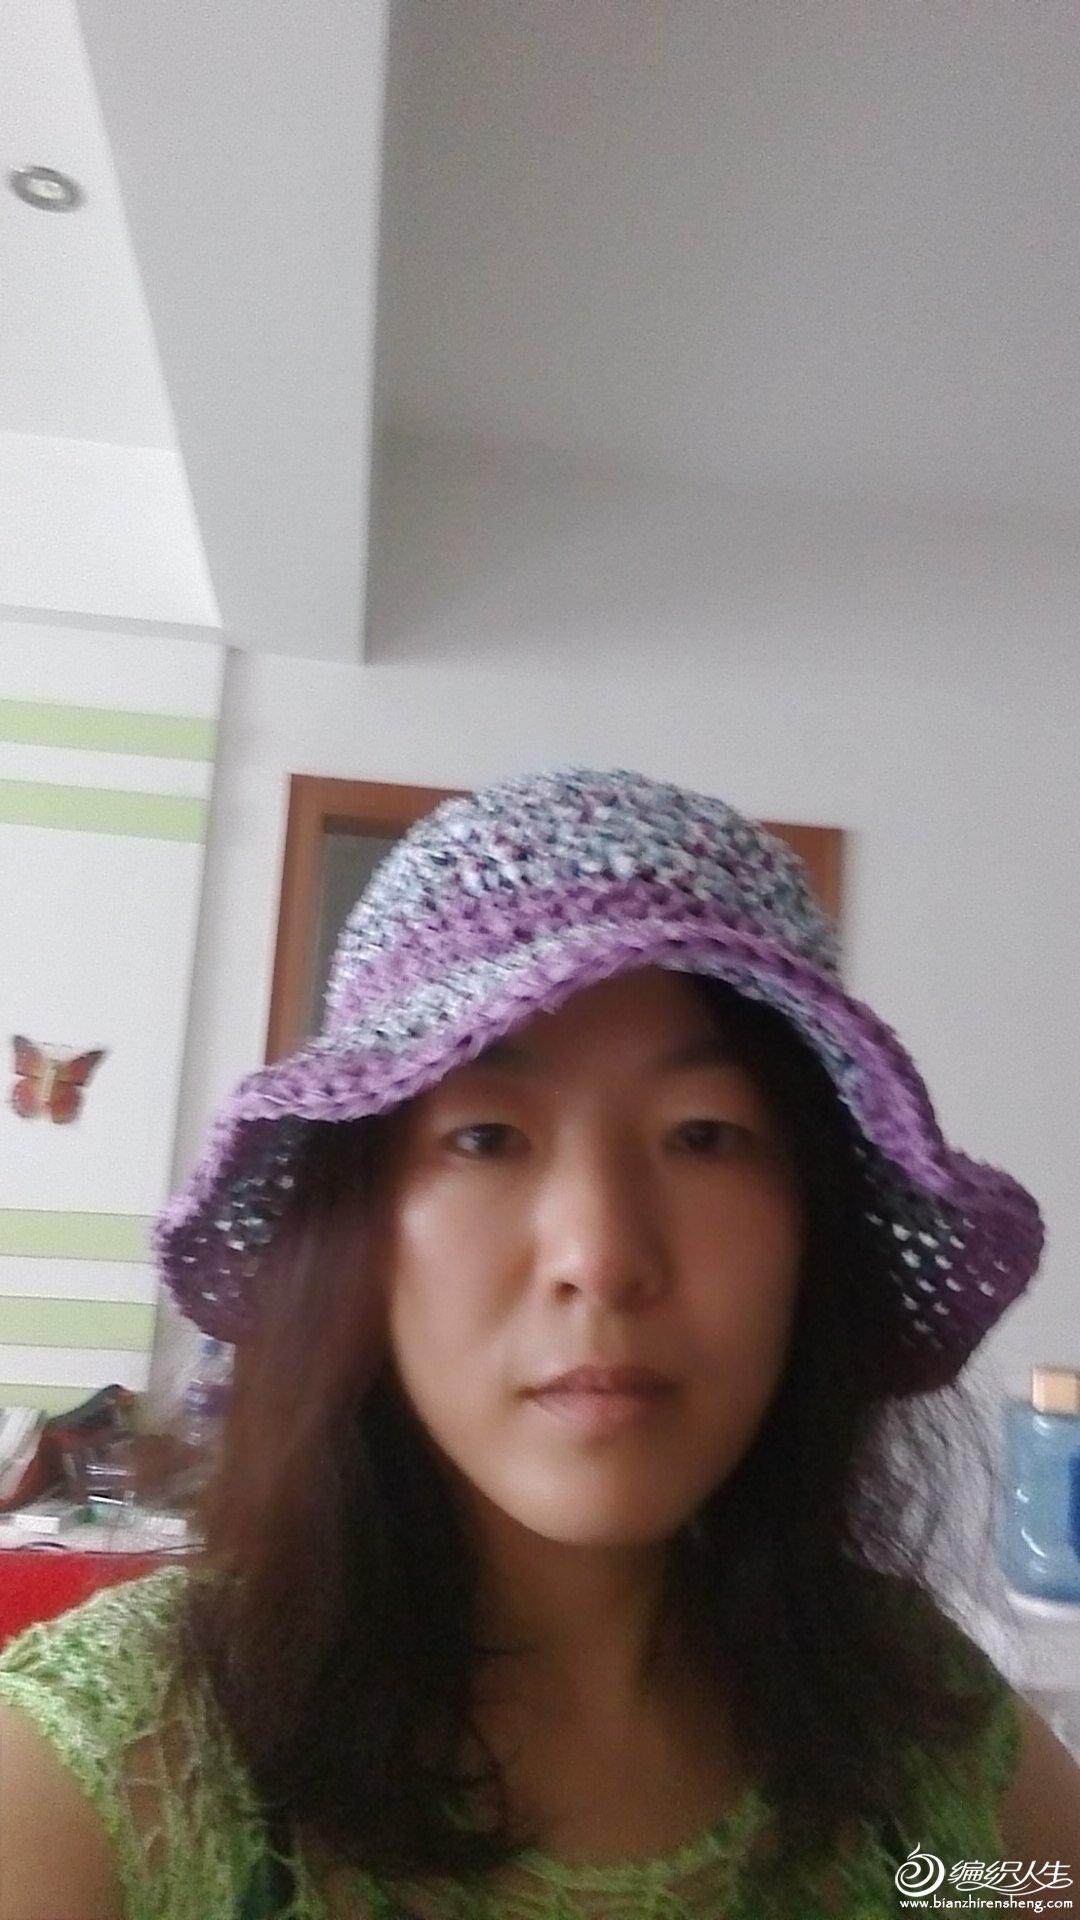 潇湘手工---热带风情之别致布条钩的帽子